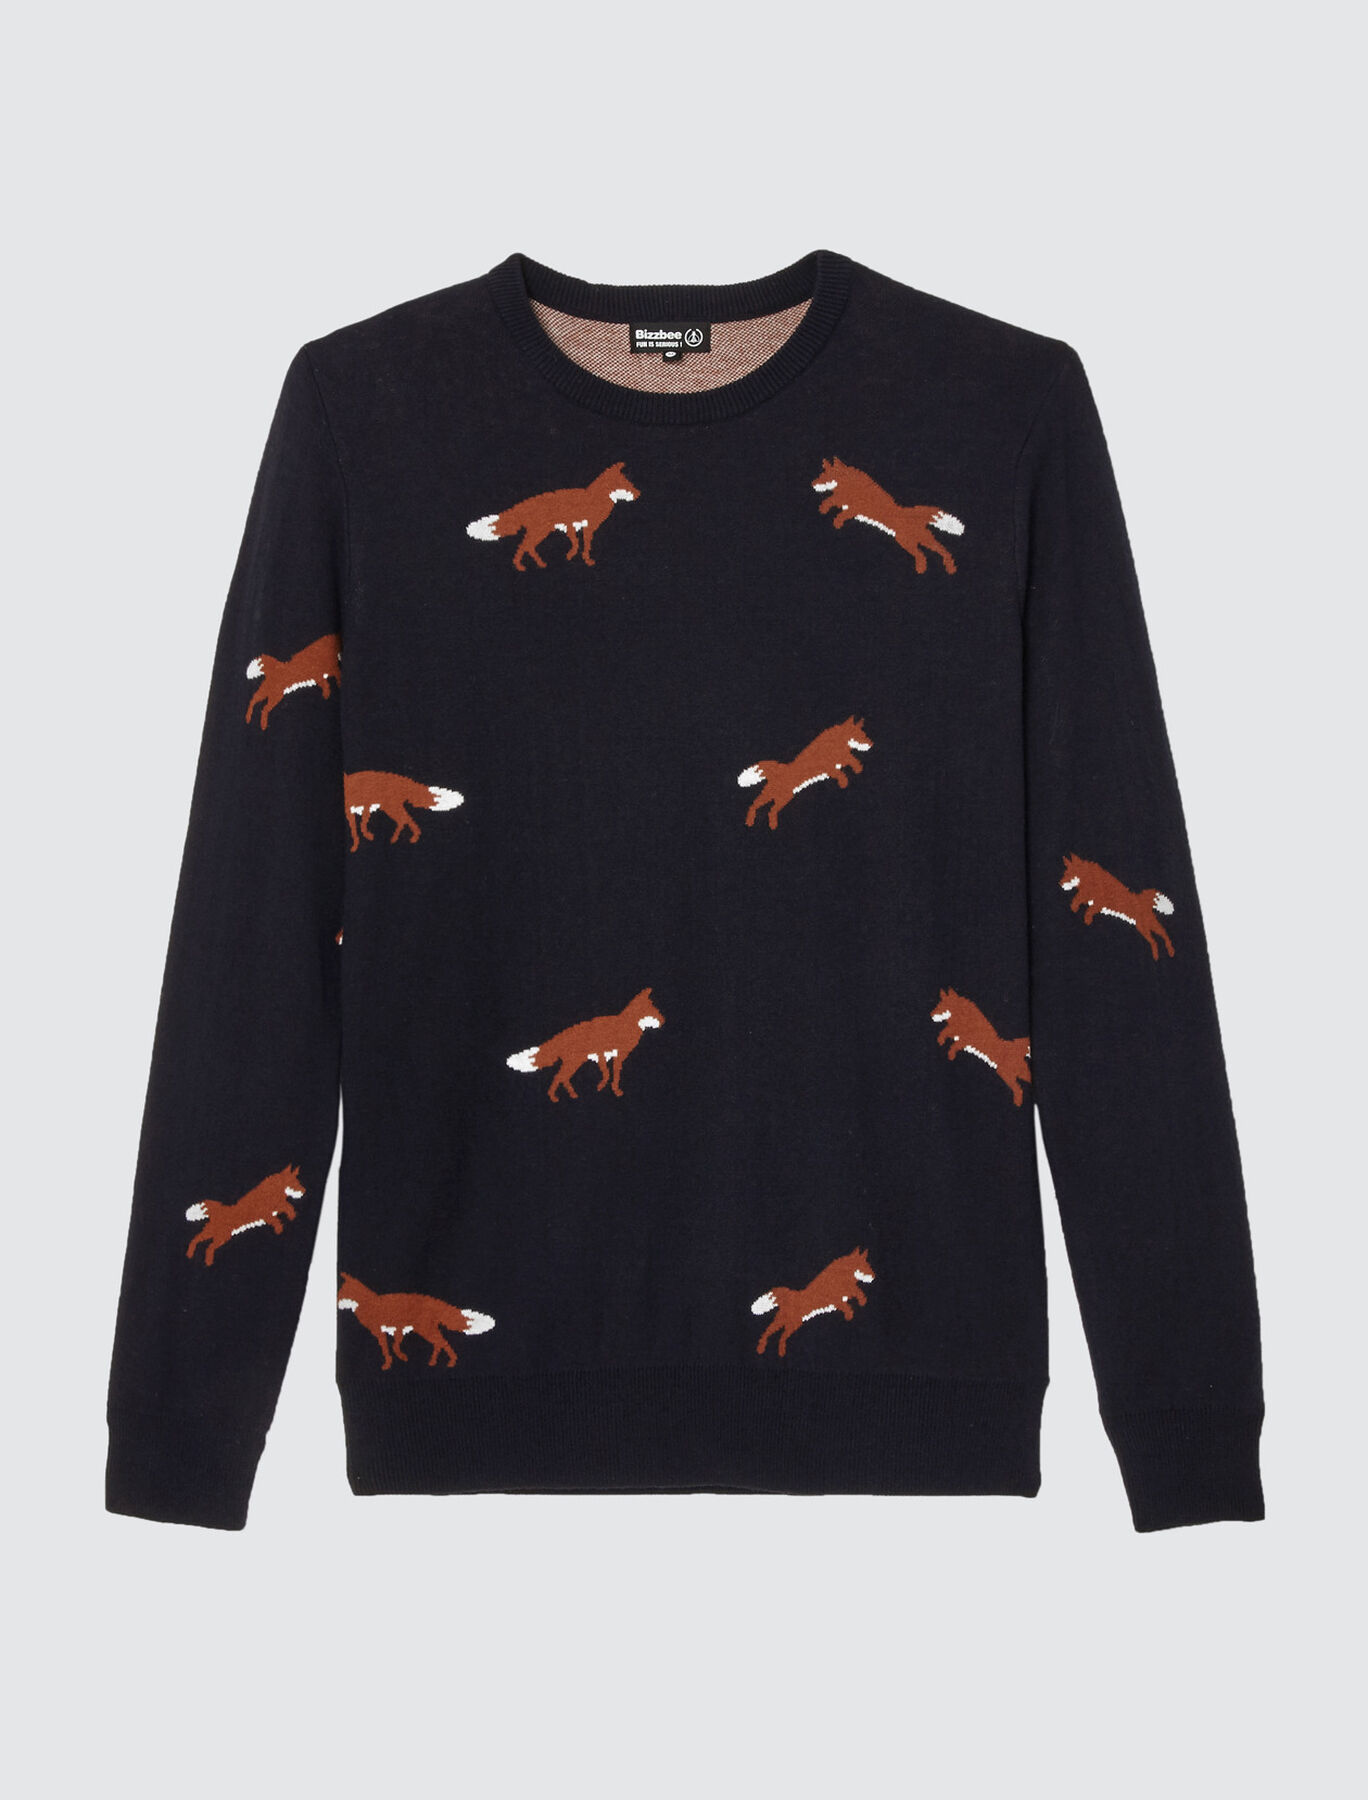 Pull en coton laine avec jacquard renard